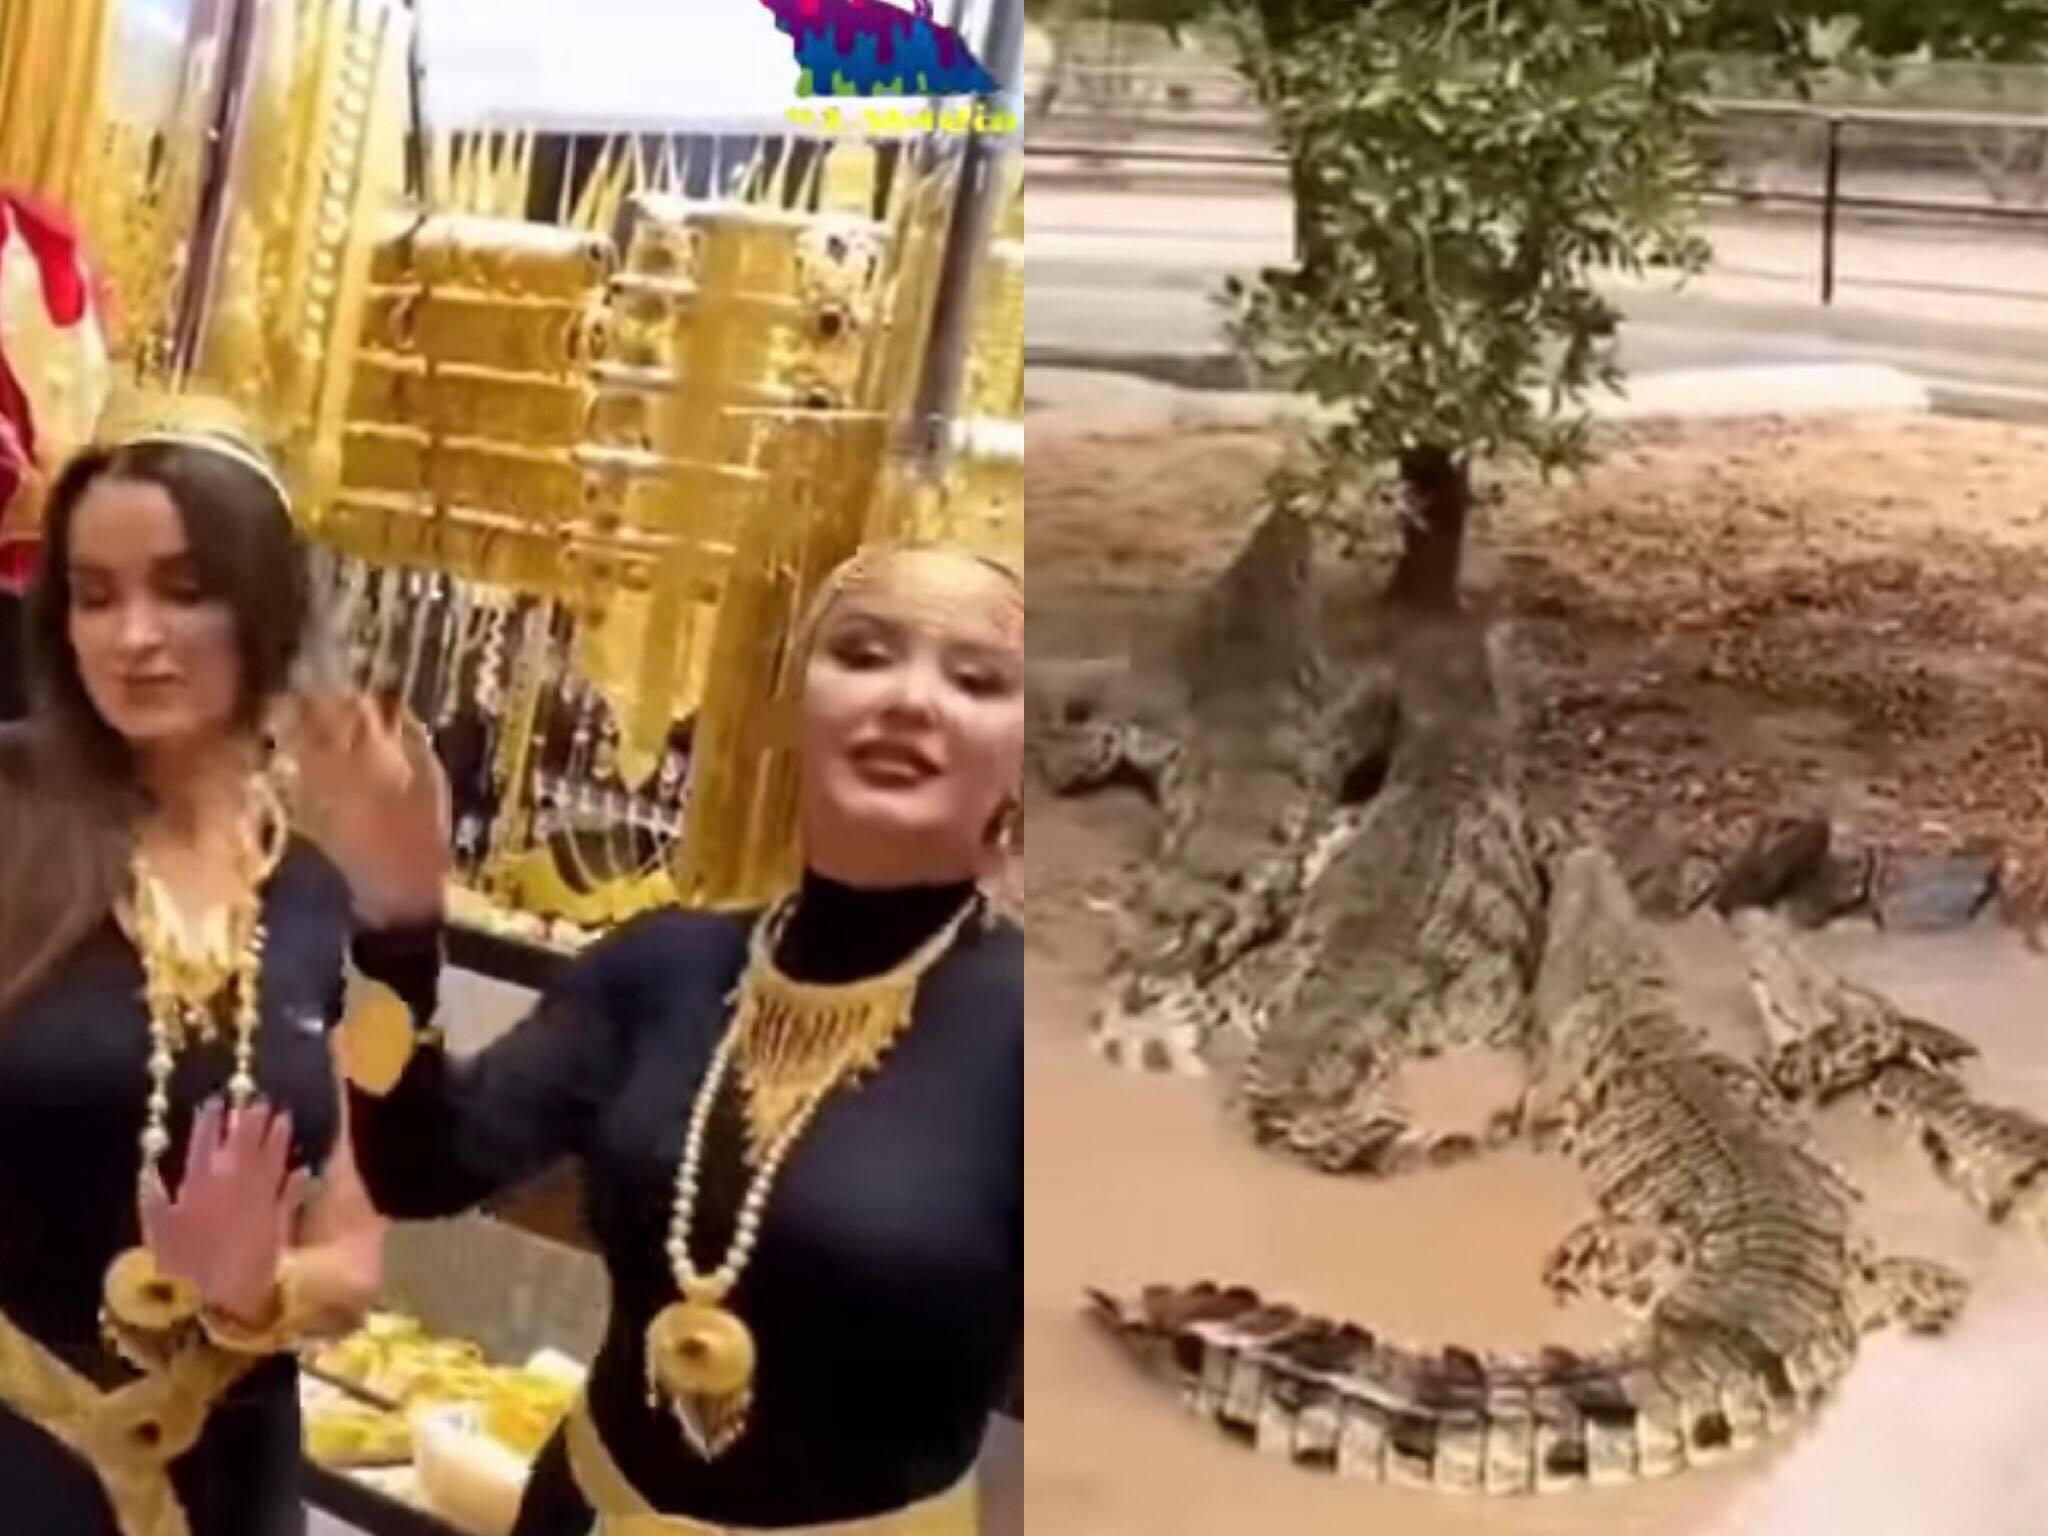 LẠ ĐỜI: Tắm cá sấu, dắt beo đi lượn, dát vàng lên váy quẫy tung trời đất và 7749 thú vui xa xỉ của giới siêu giàu